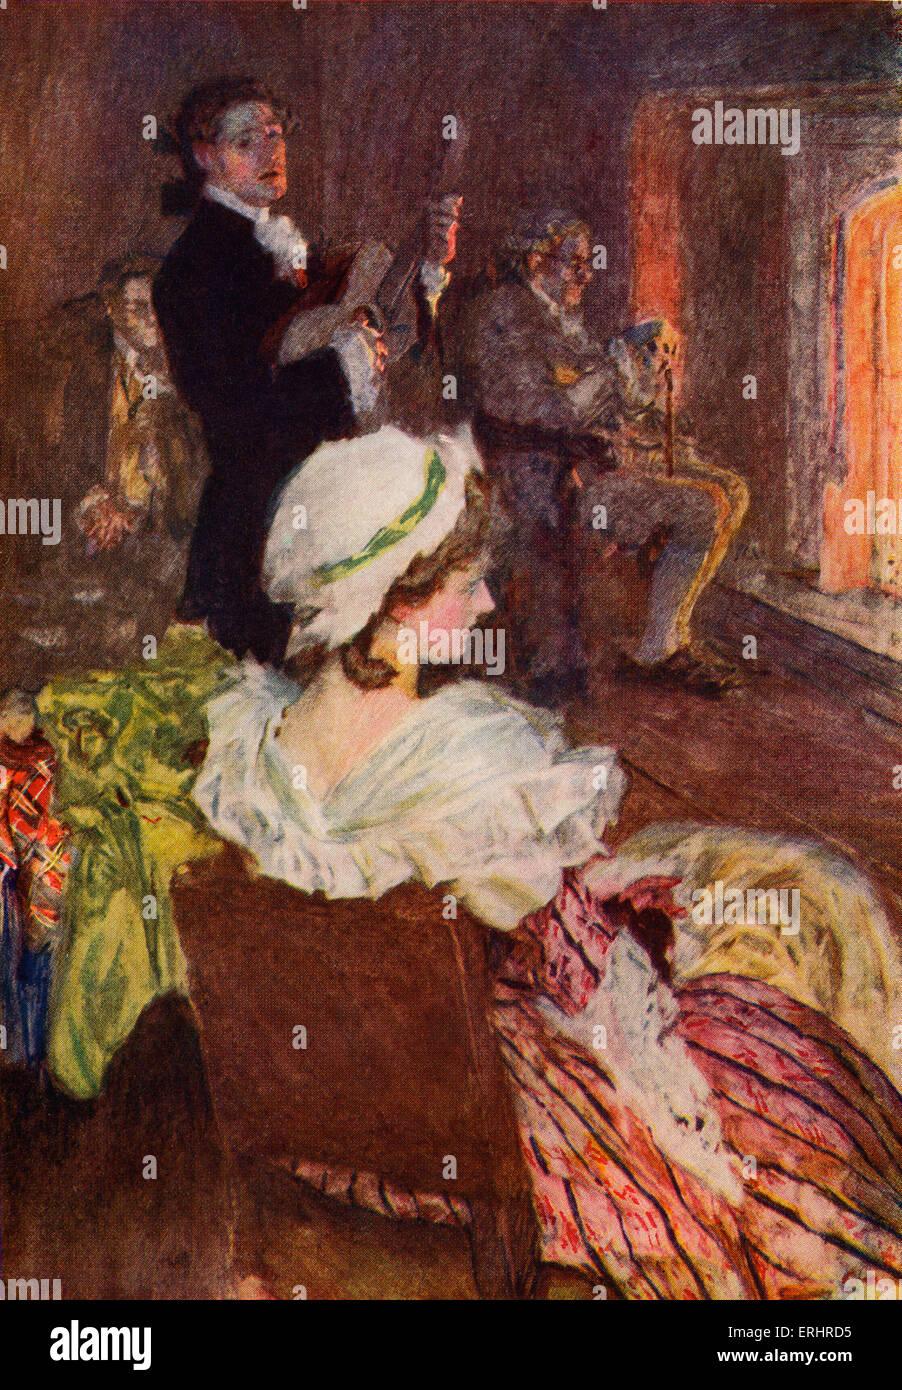 """Der Meister von Ballantrae - Roman von Stevenson. Bildunterschrift lautet: """"die Worte und die Musik schien Stockbild"""